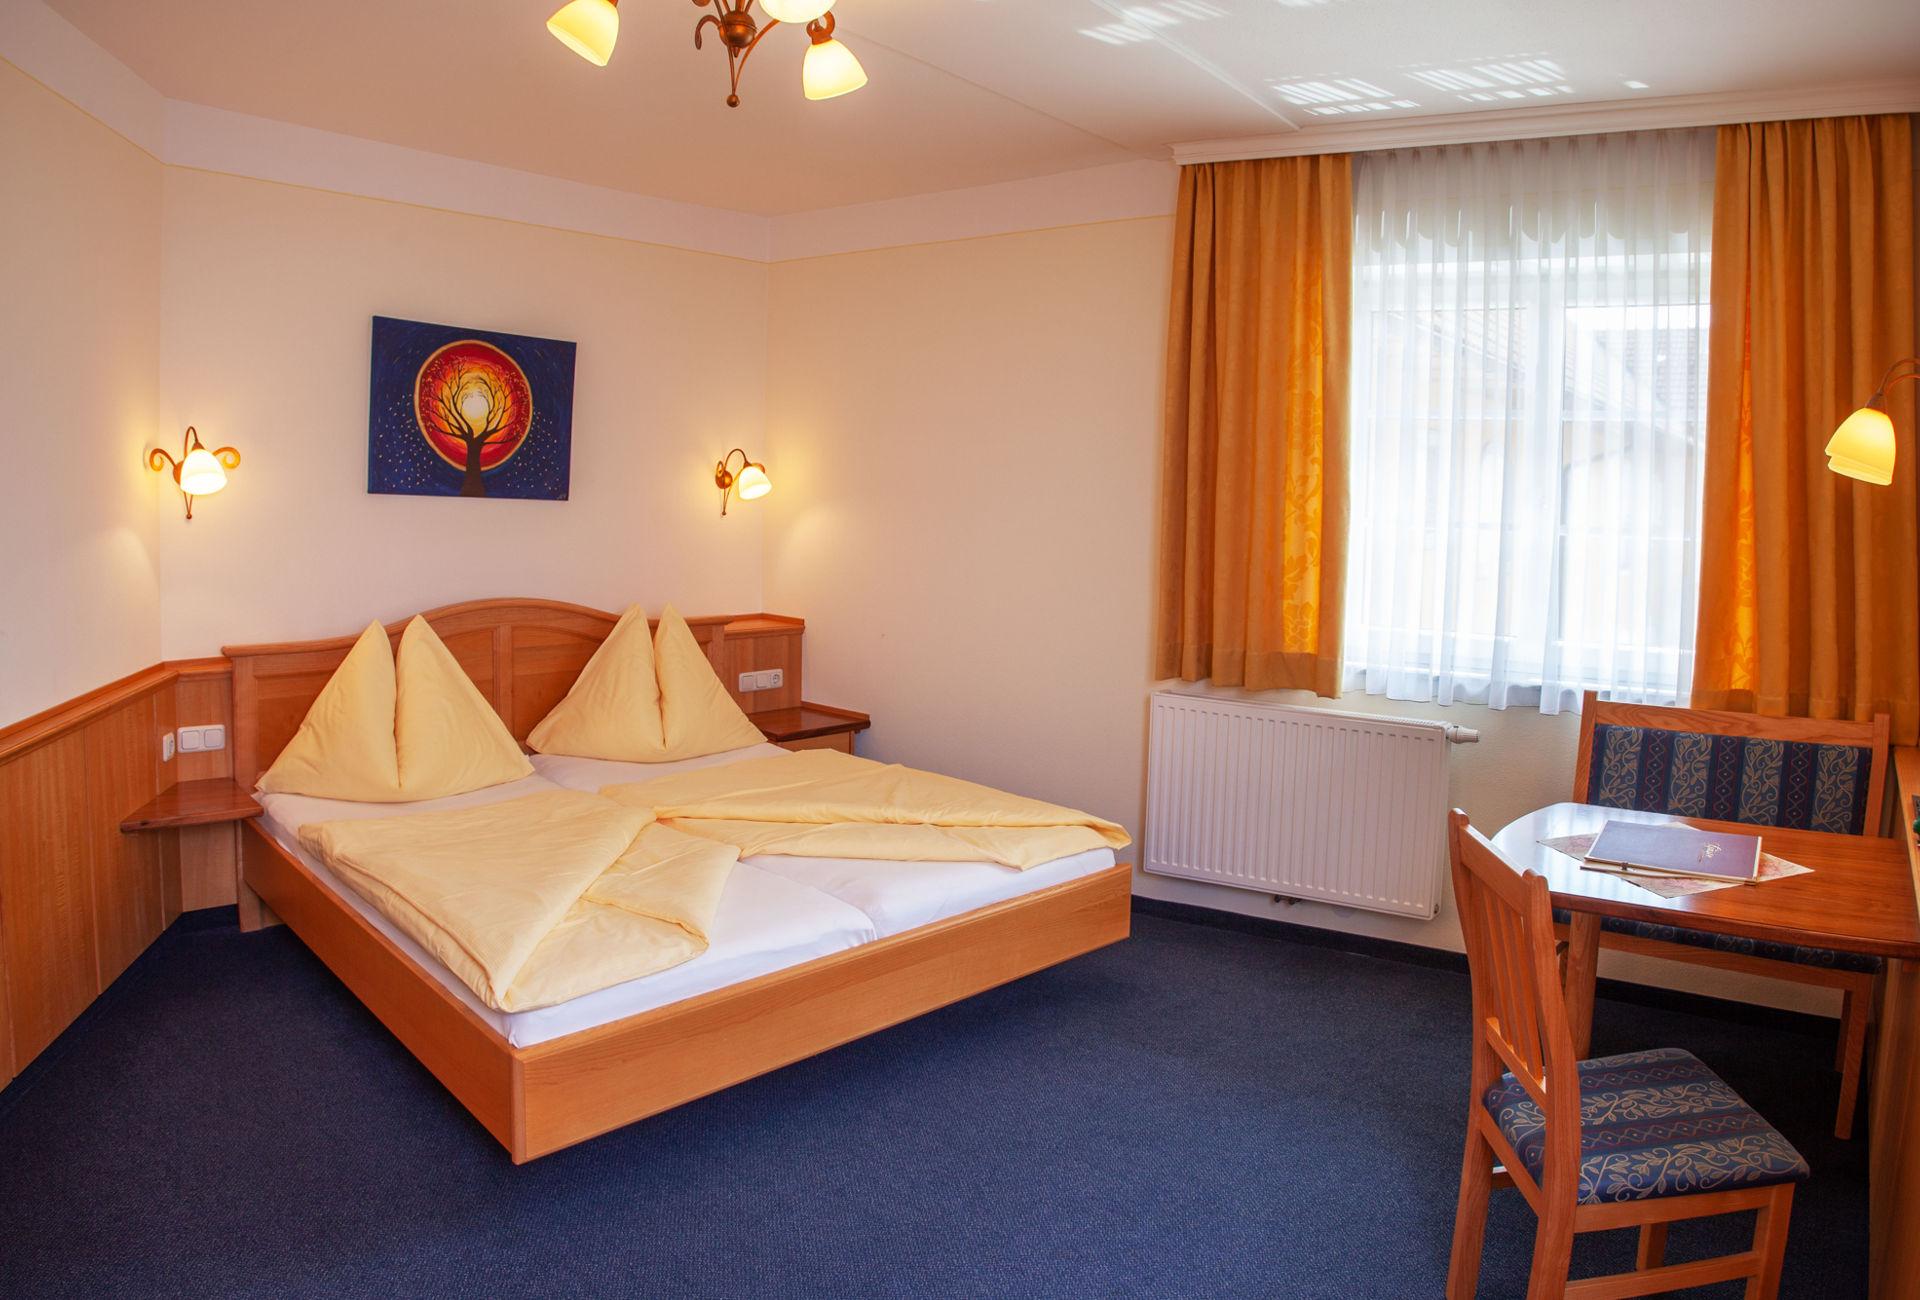 Komfortzimmer Landhaus im Wellness-Hotel-Gasthof Enichlmayr